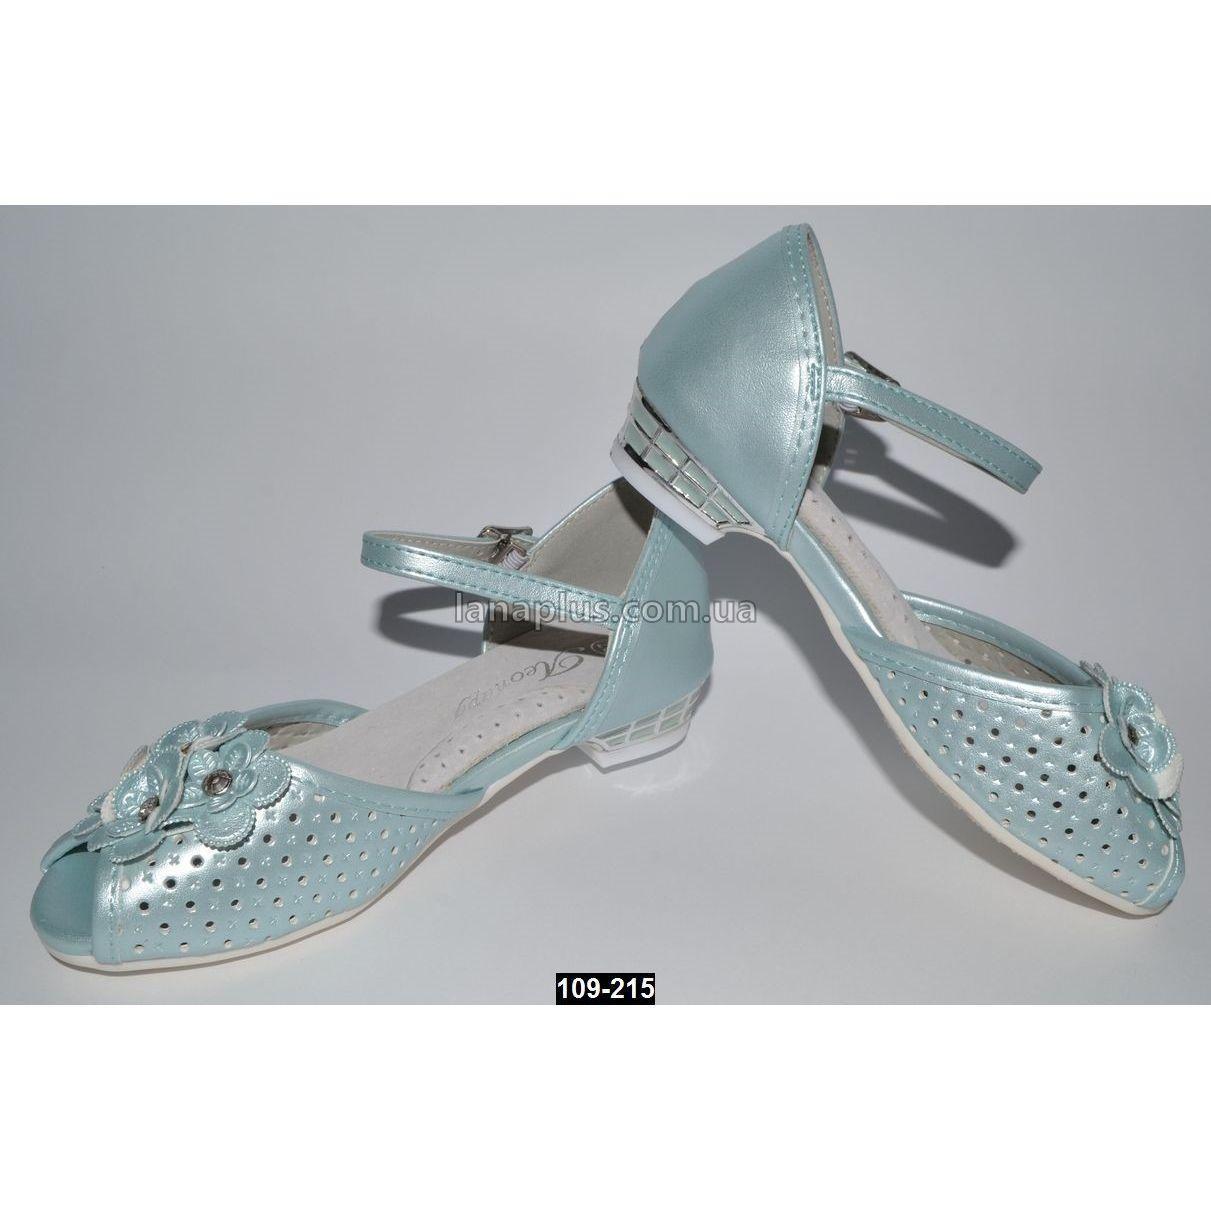 Нарядные босоножки, туфли для девочки, 30 размер (20 см), супинатор, кожаная стелька, 109-215